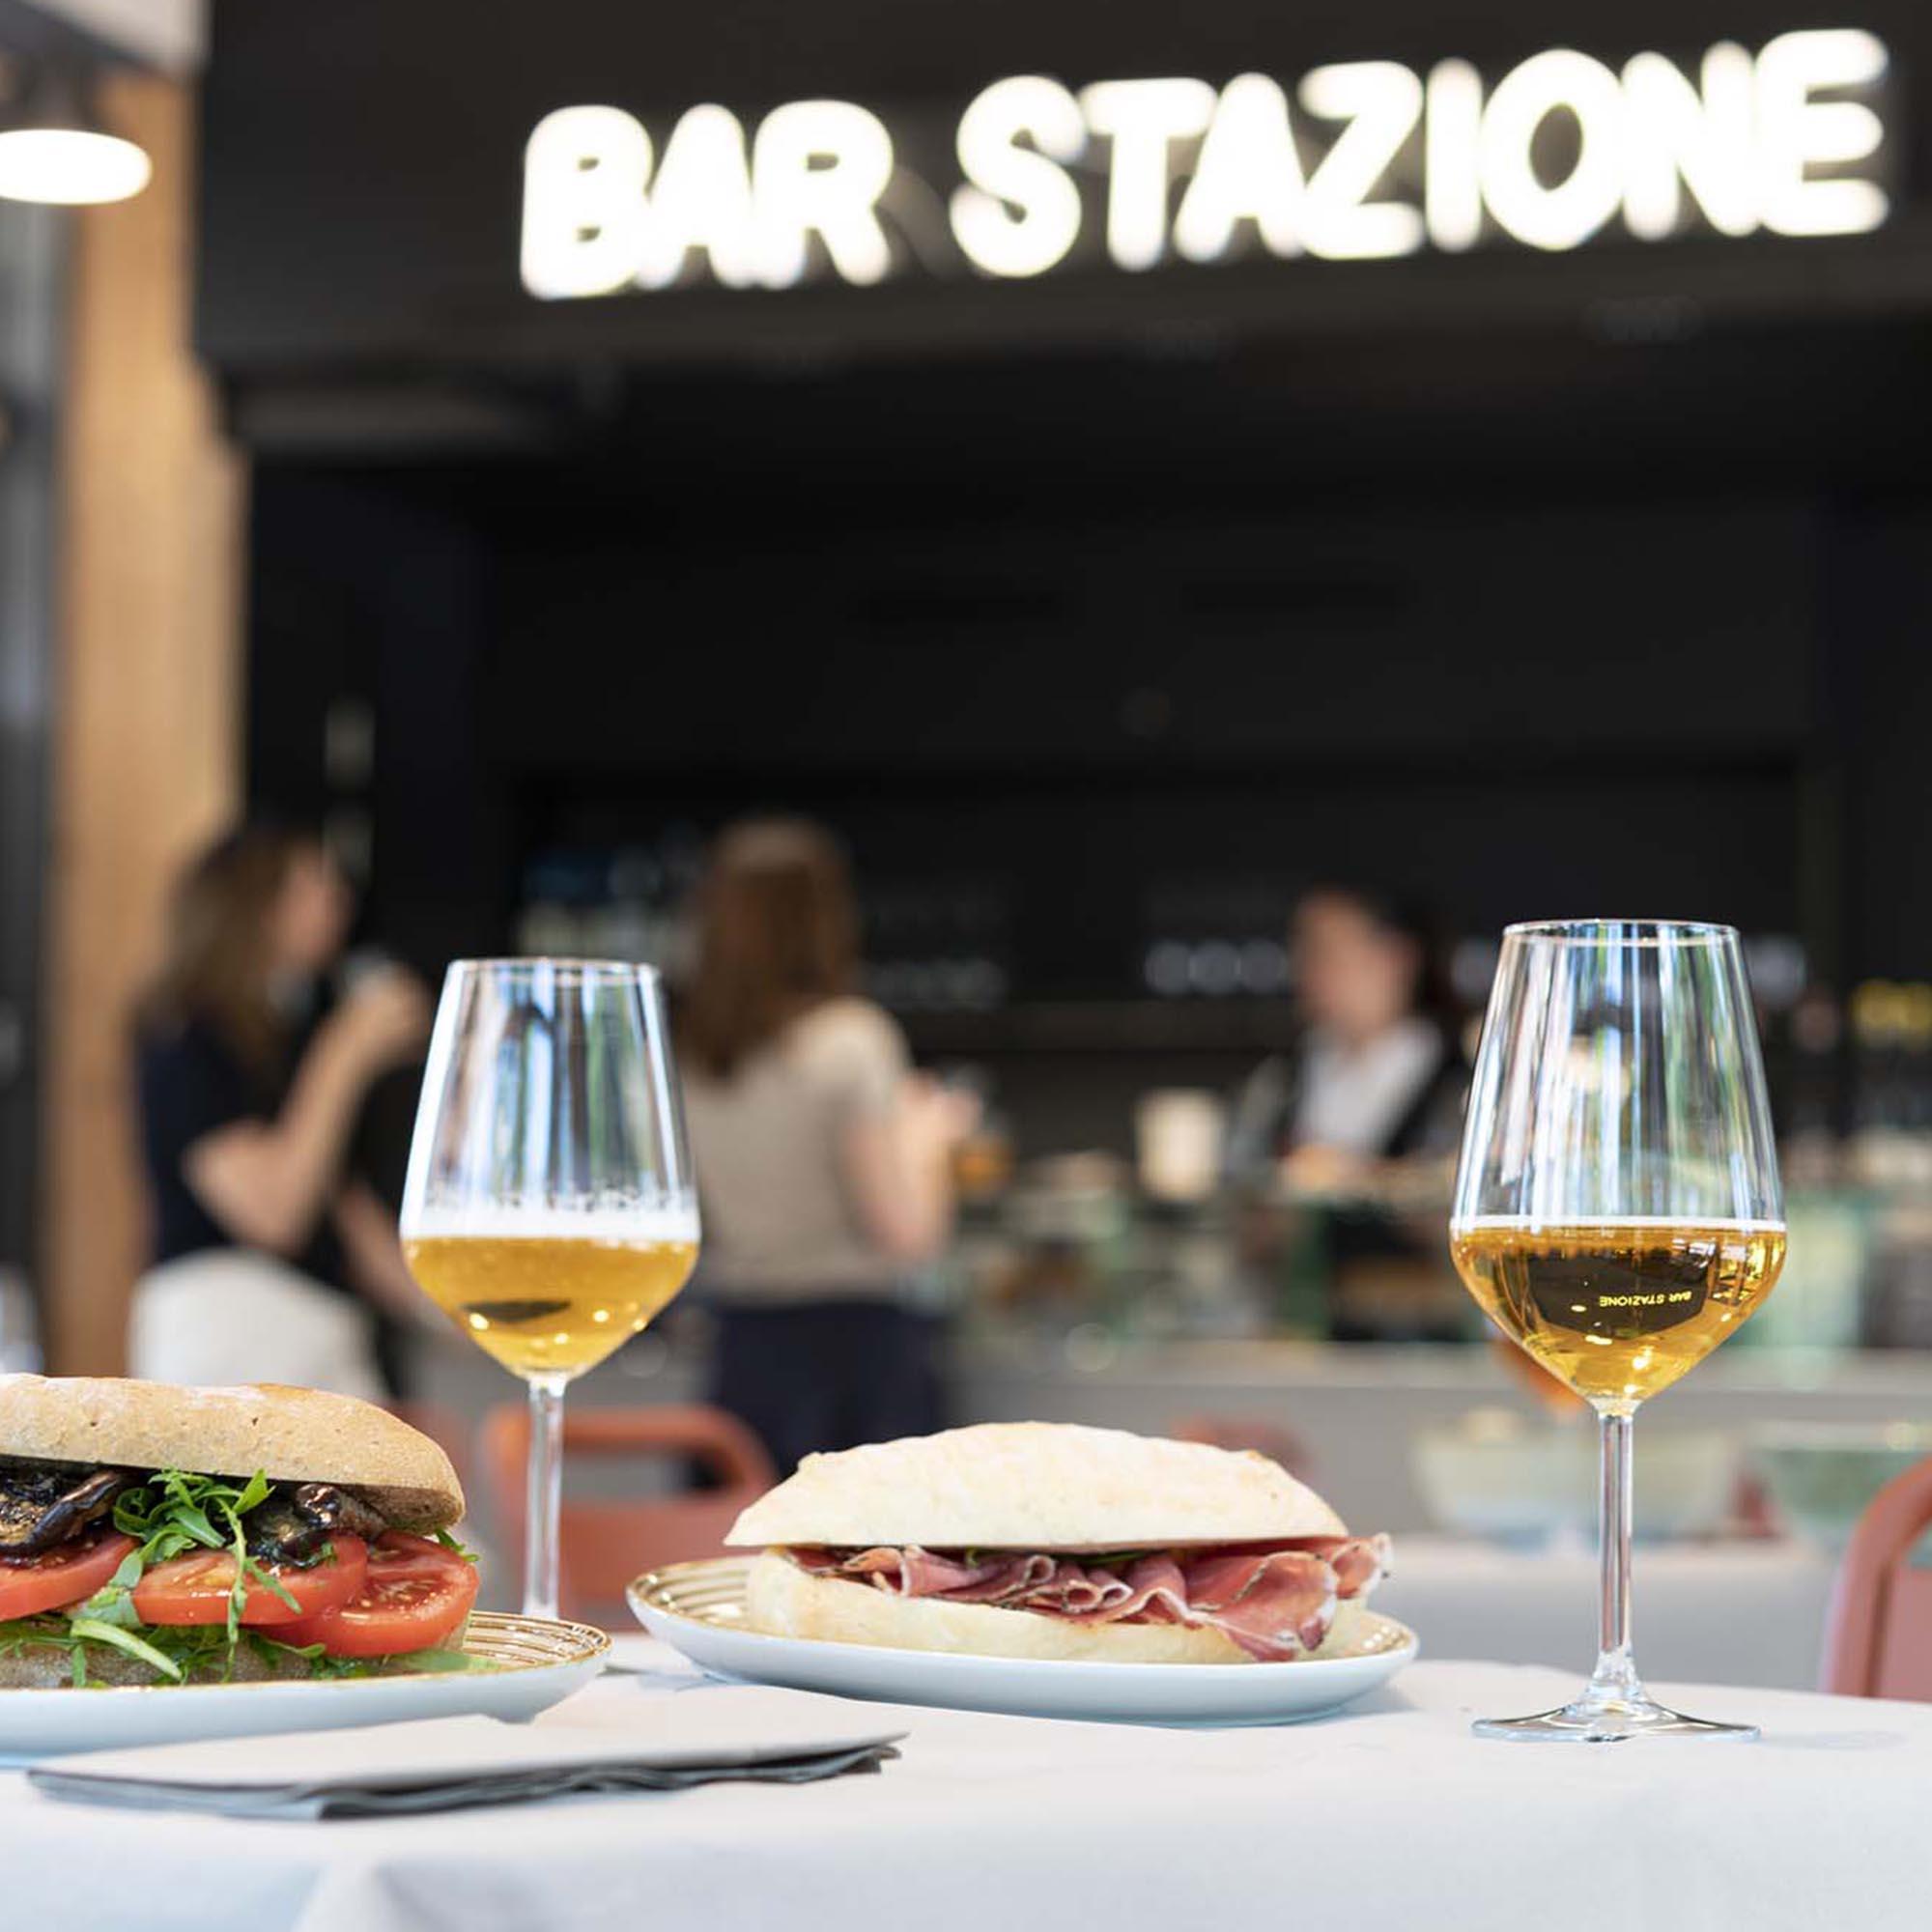 tavolo con panini al bar stazione